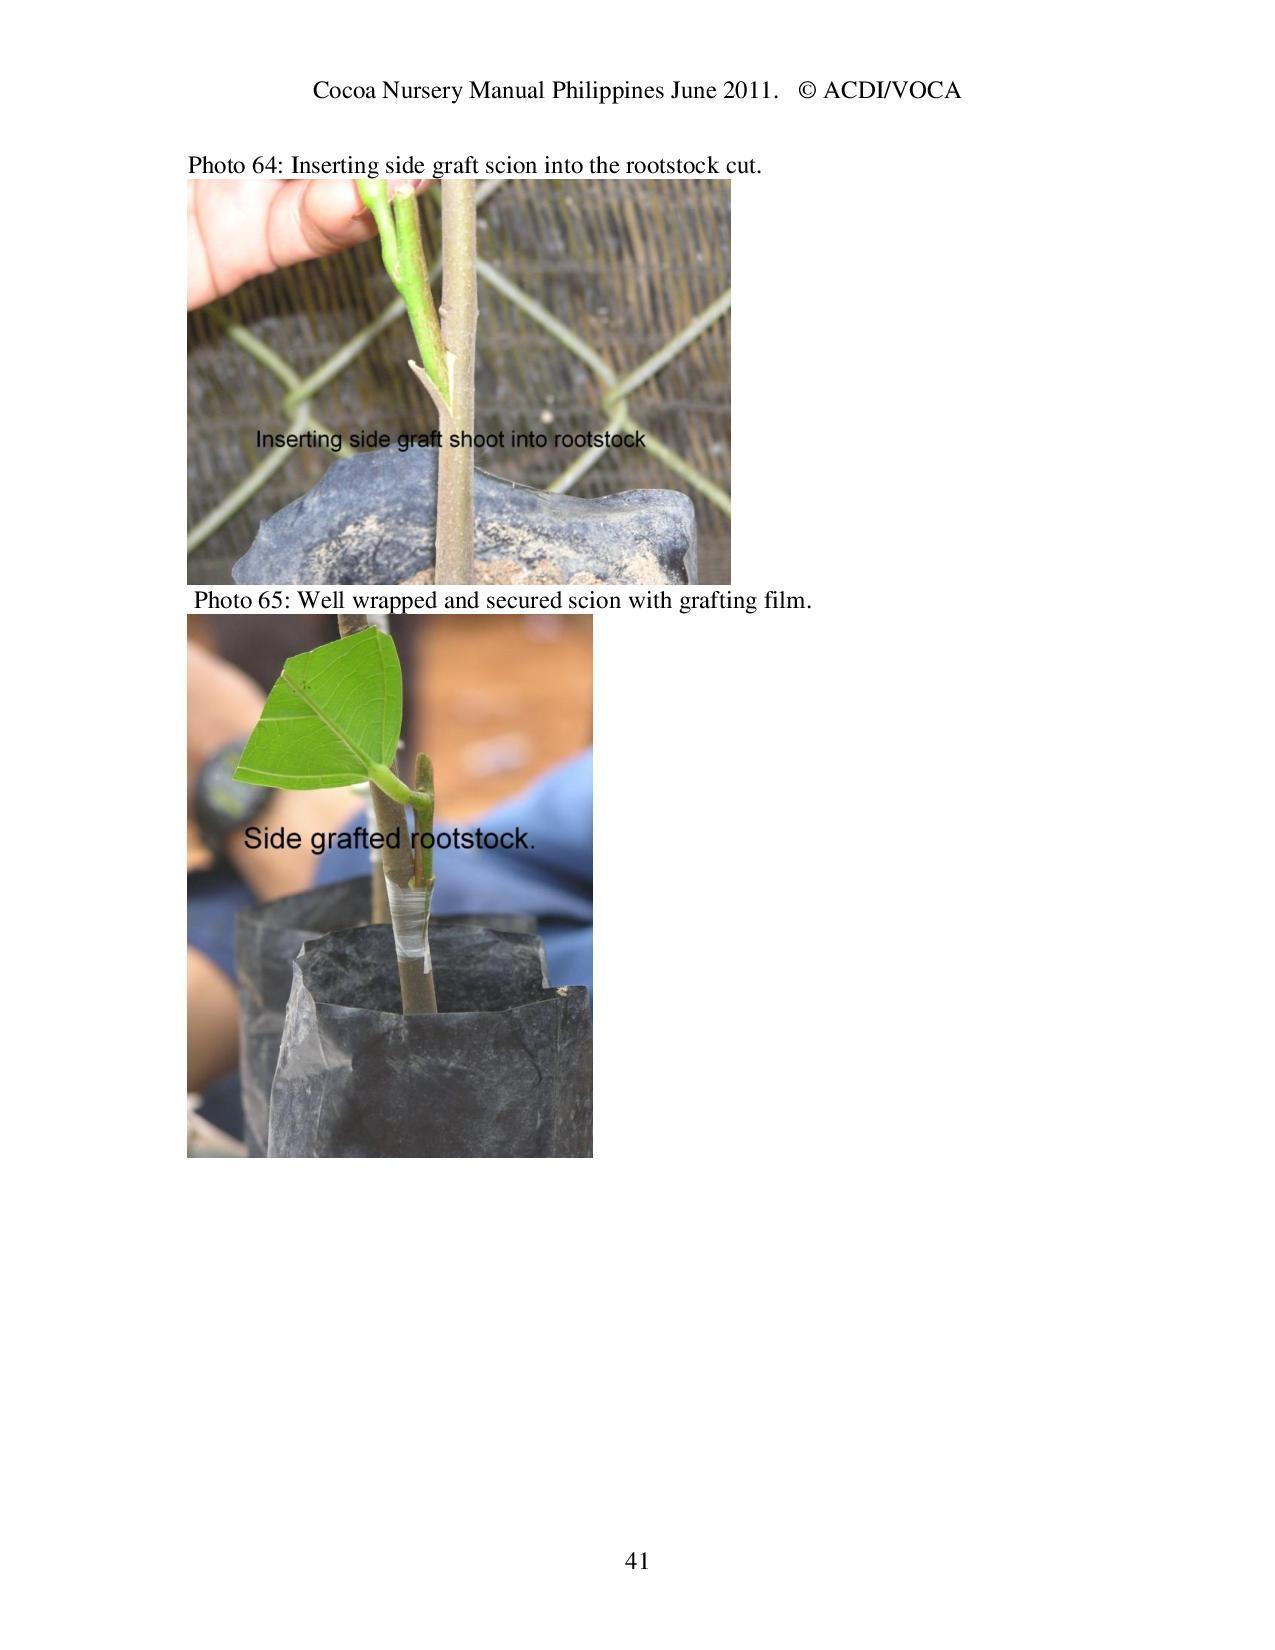 Cocoa-Nursery-Manual-2011_acdi-voca-page-041